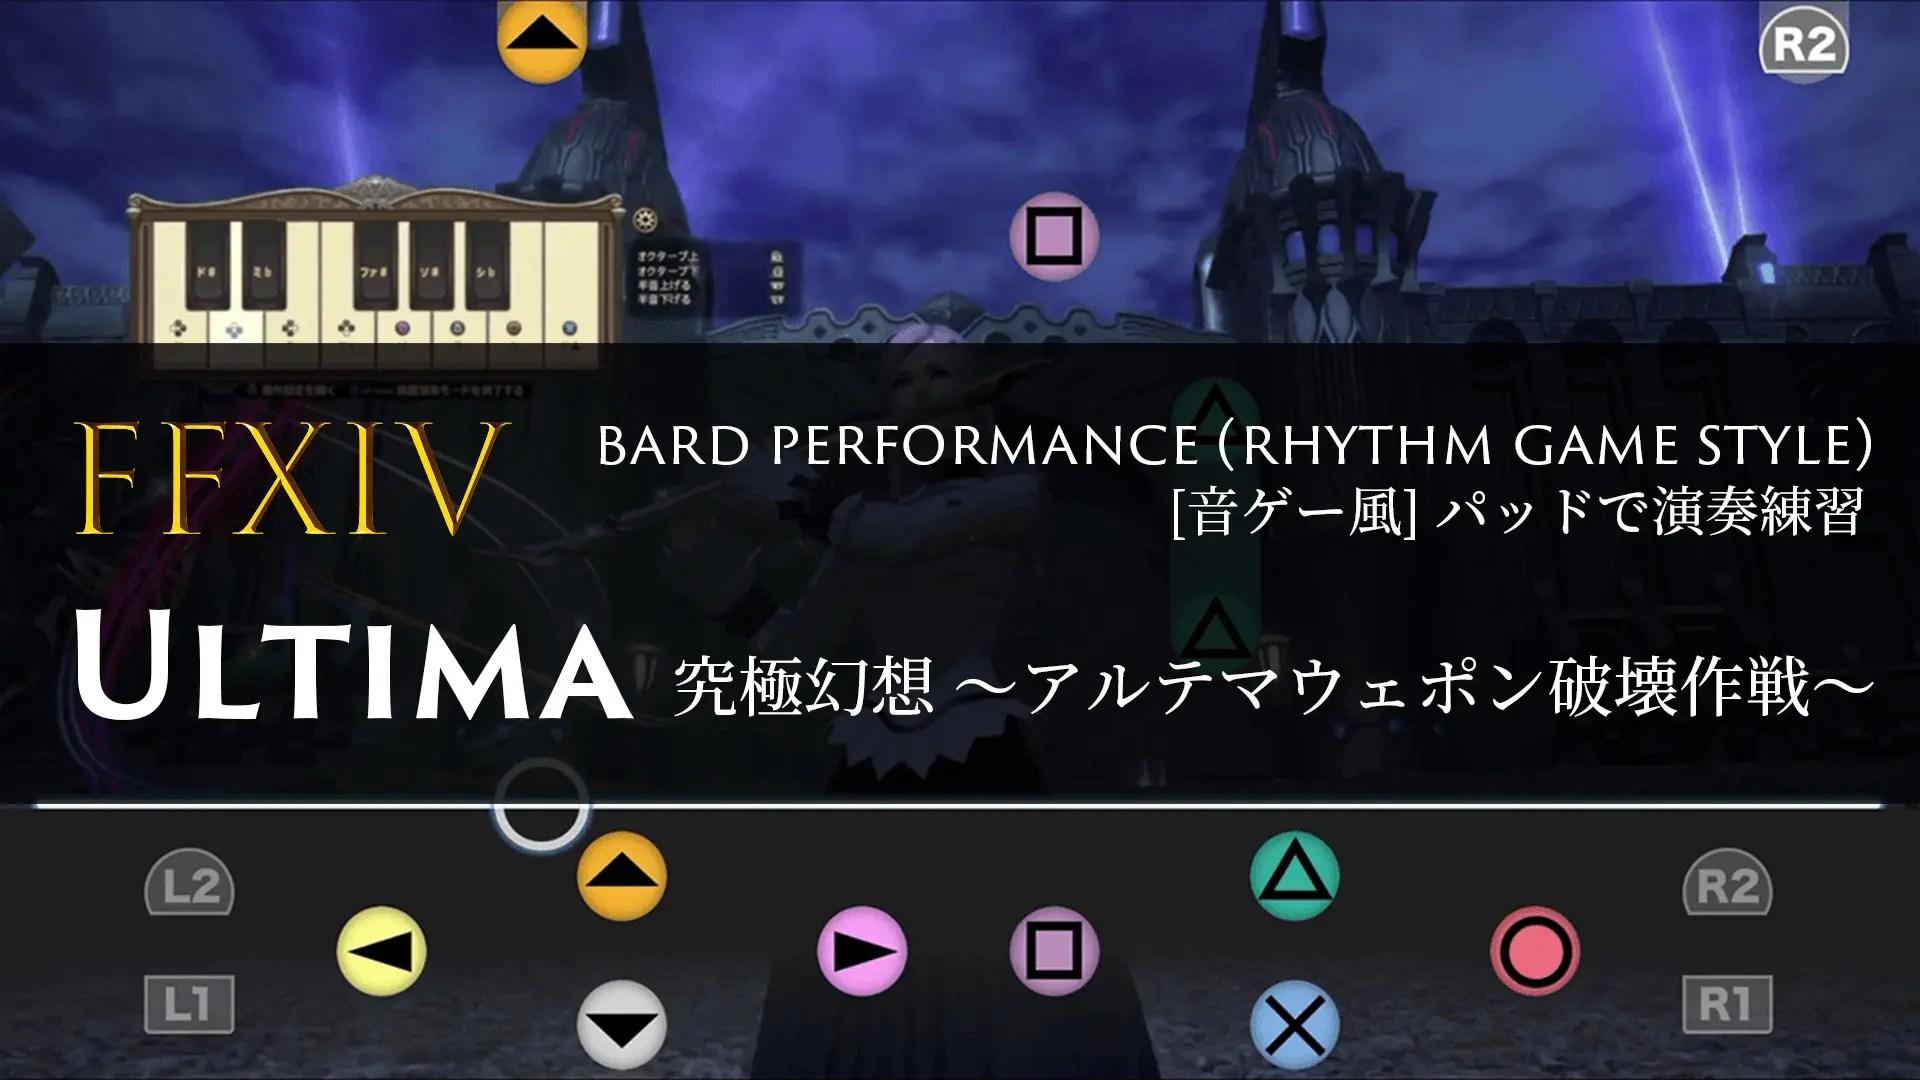 【FF14】「究極幻想」演奏練習用動画【楽器演奏】